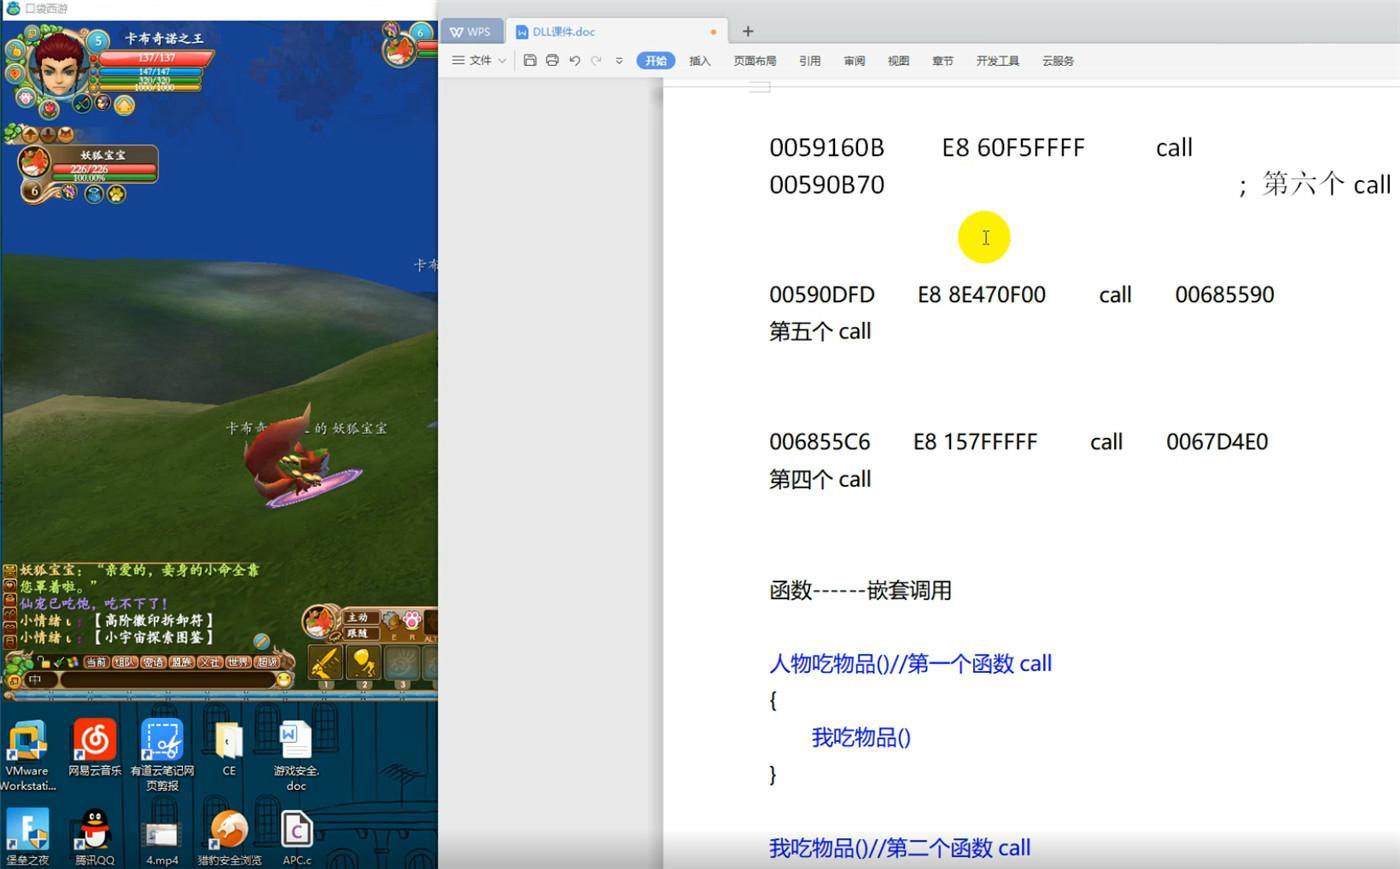 游戏安全逆向工程师 : 零基础入门玩转FPS游戏逆向3.jpg